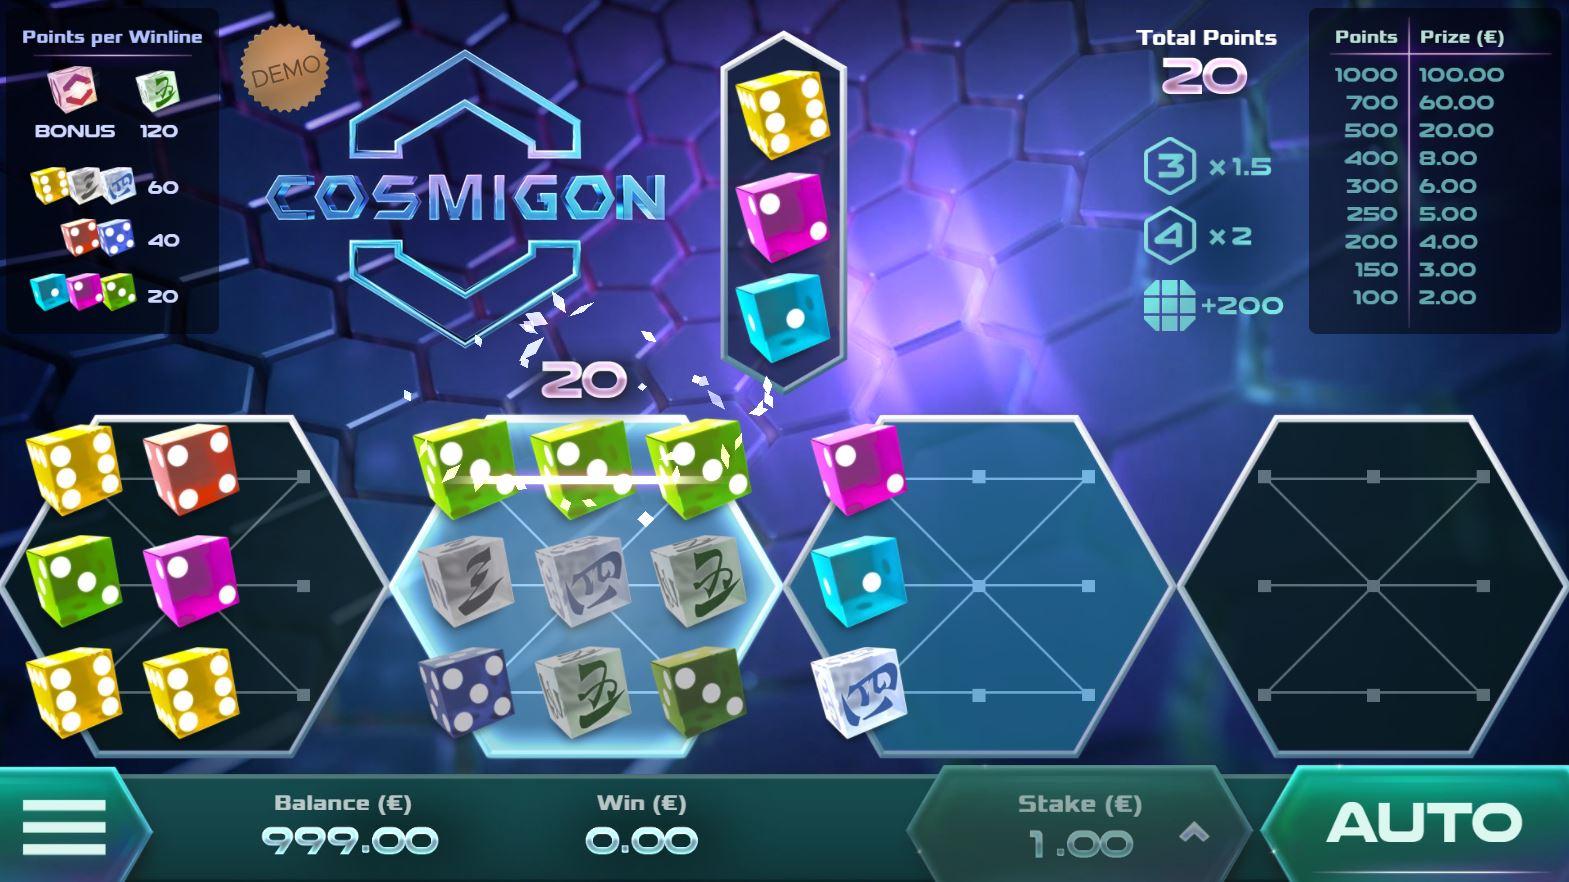 Cosmigon - Interface